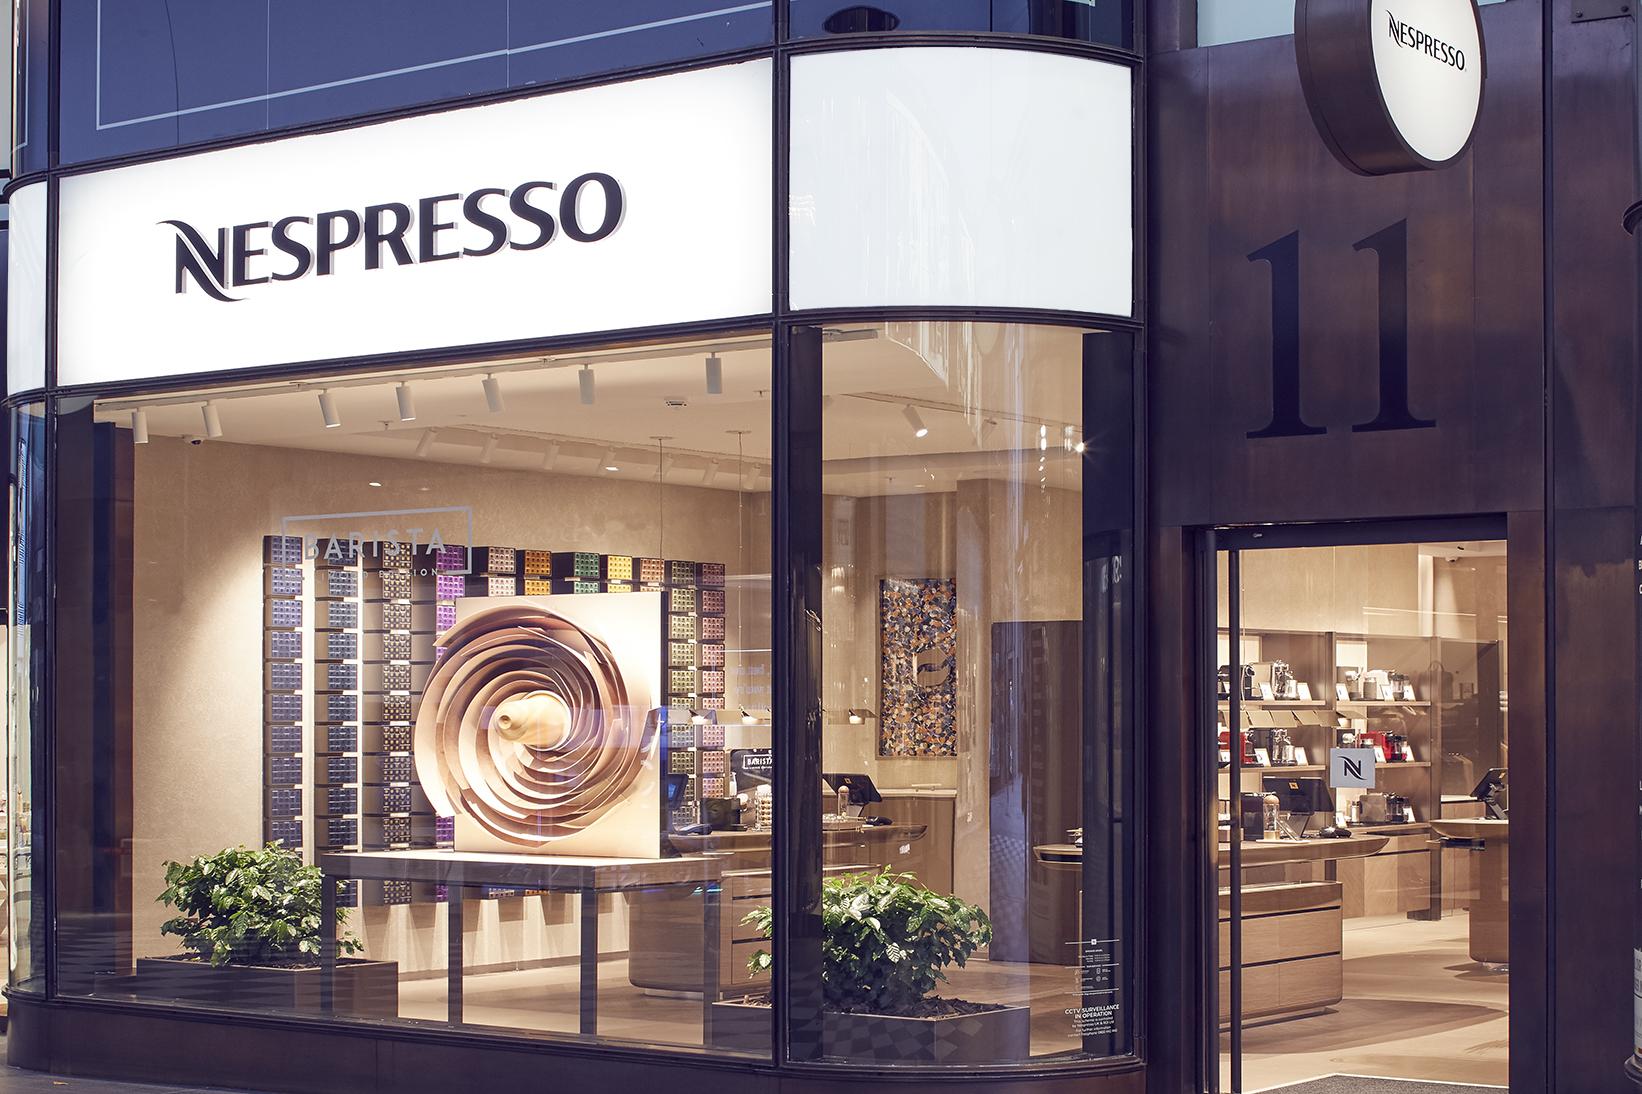 Nespresso Liverpool Boutique exterior